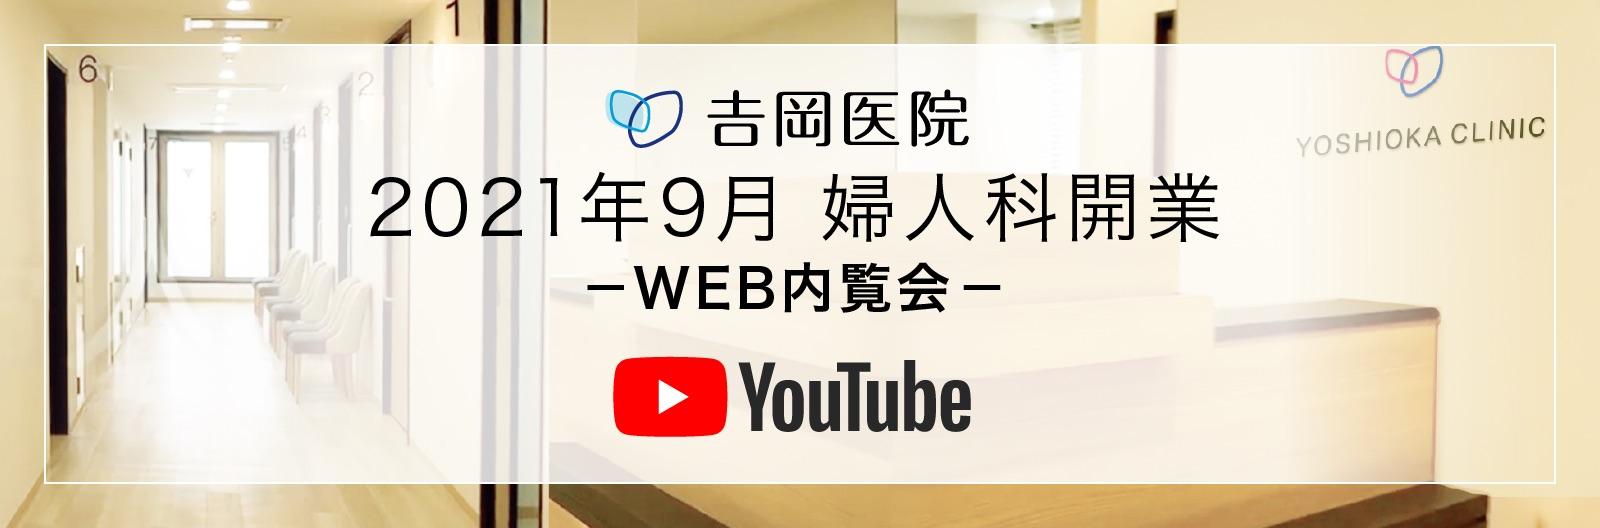 吉岡医院 2021年9月 婦人科開業 WEB内覧会